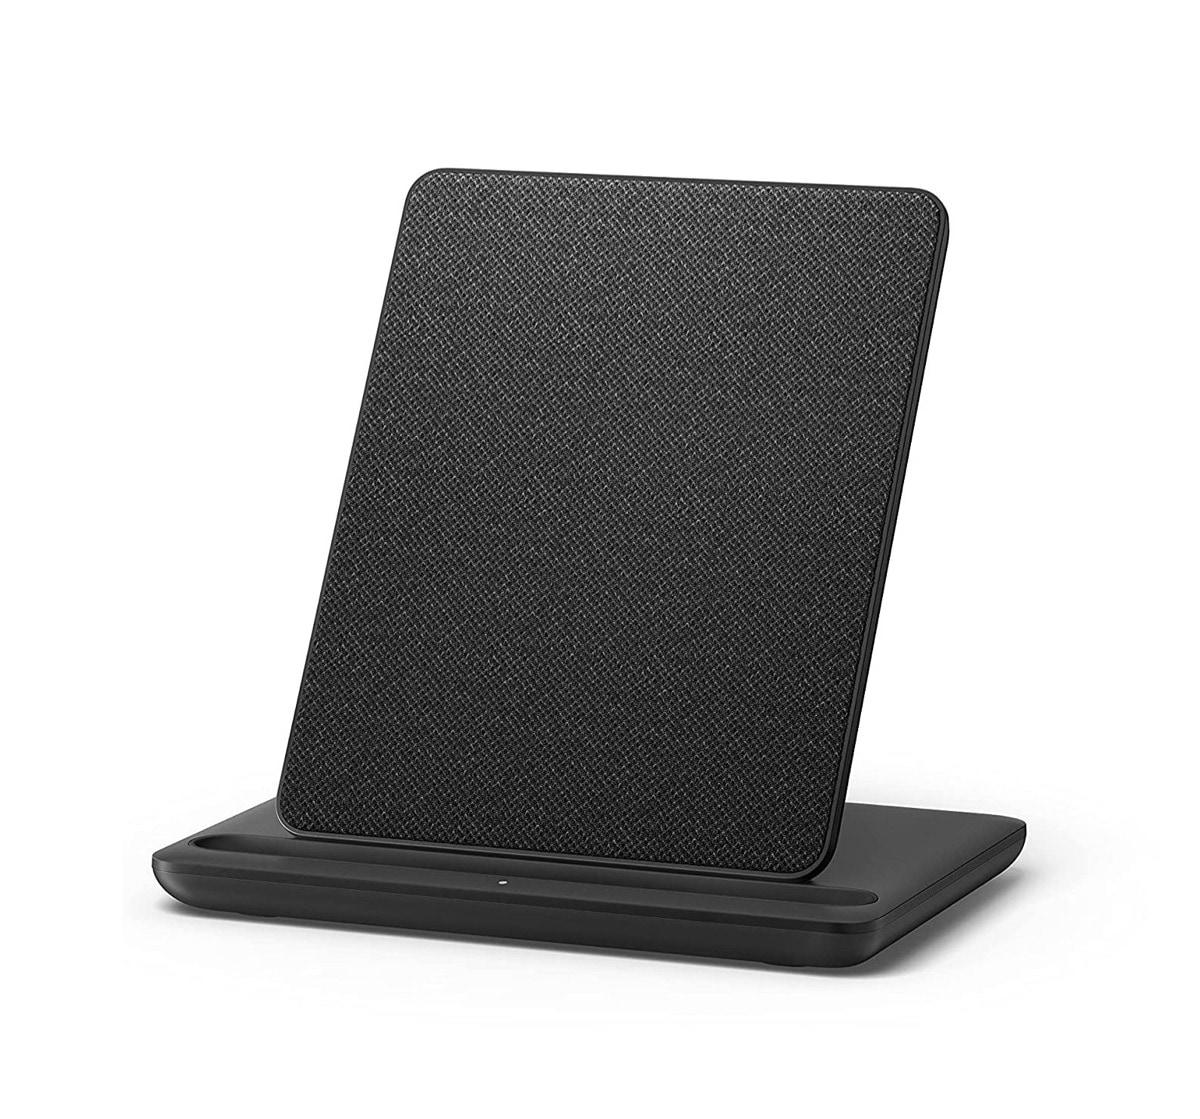 Amazon Kindle Paperwhite 2021 charging dock